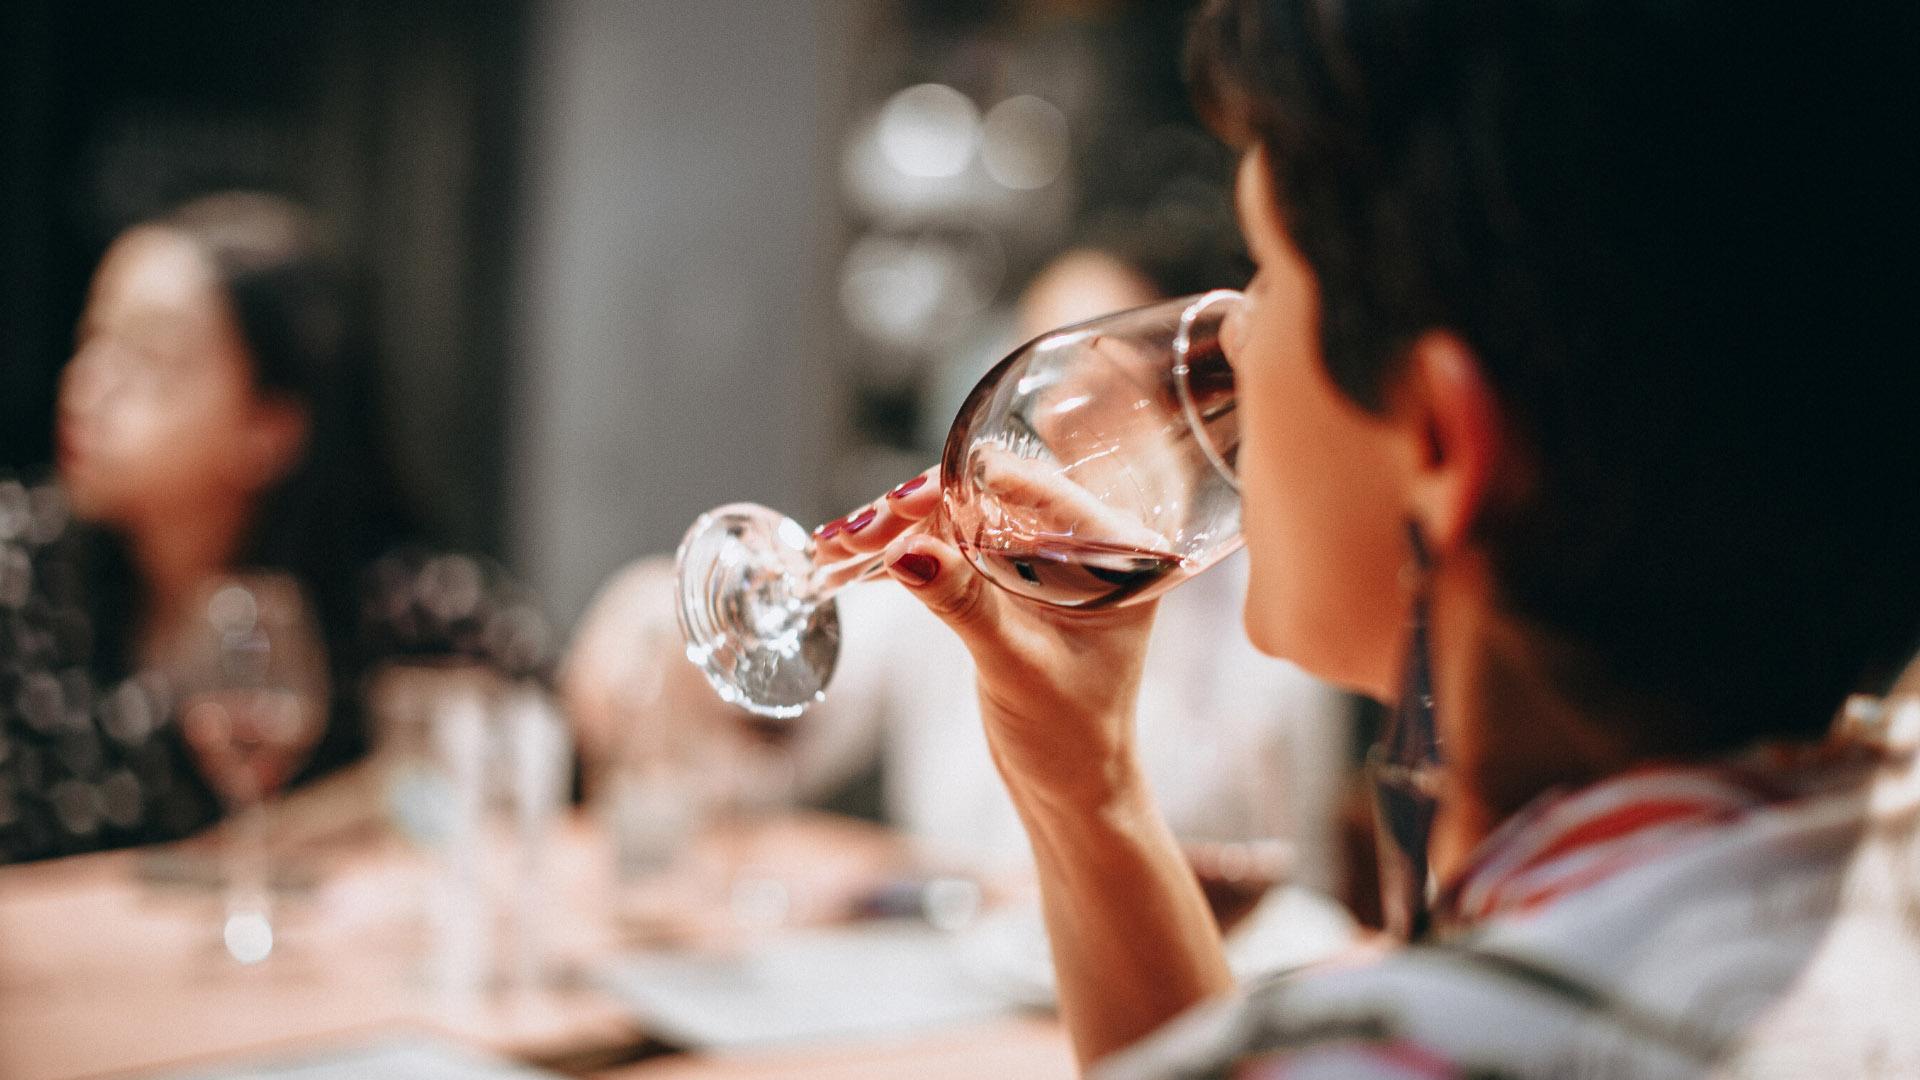 ¿Cuánto tiempo permanece el alcohol en el cuerpo?